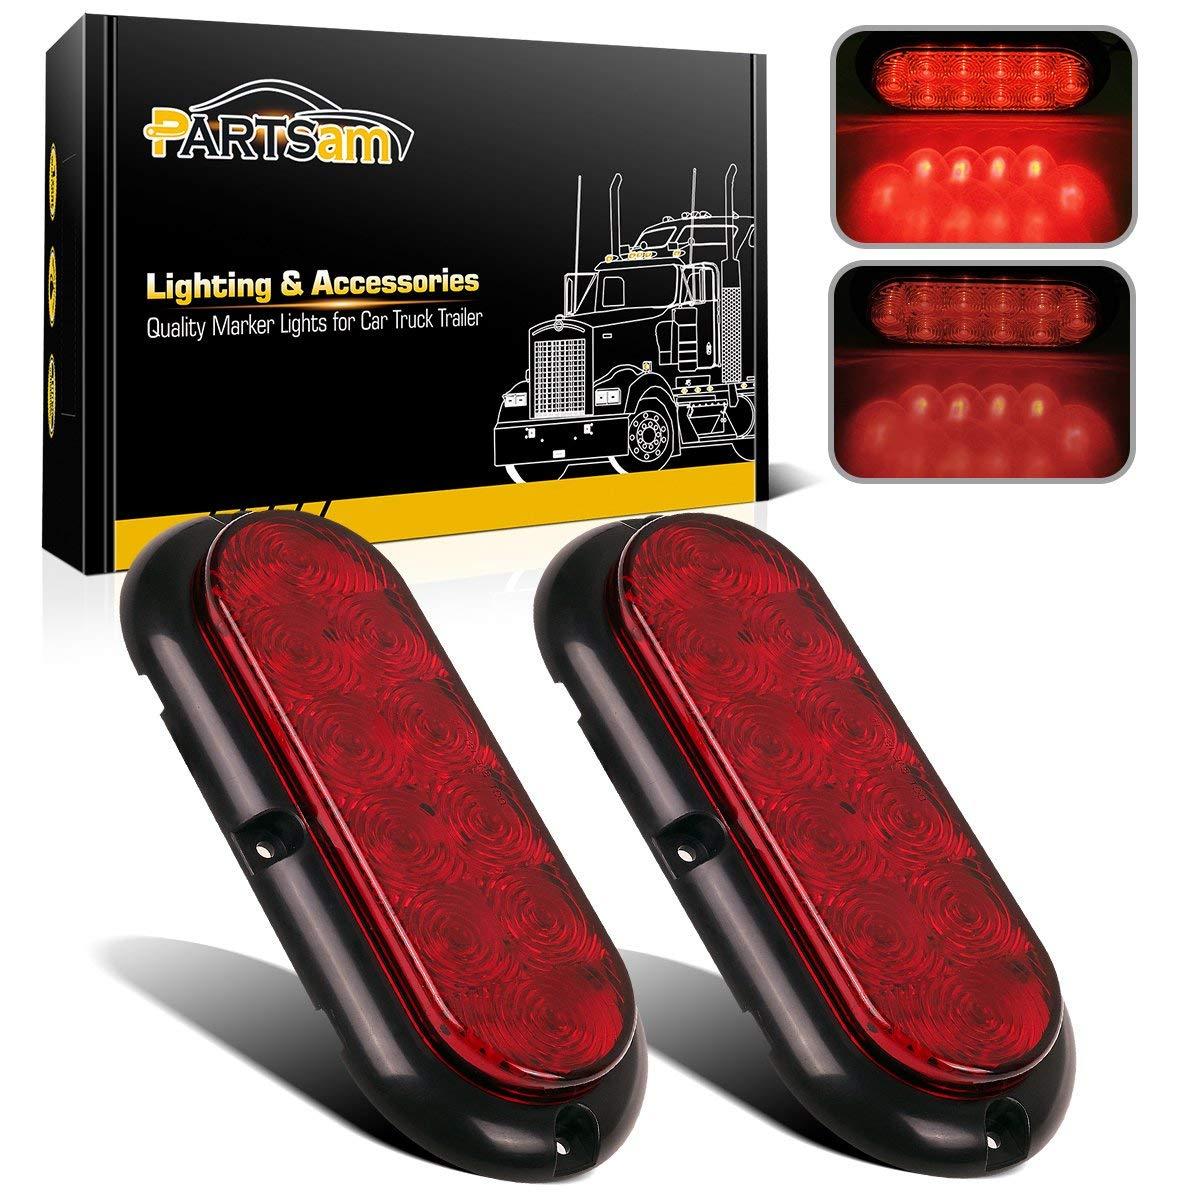 Partsam 2pcs 6 Red 10LED Oval Truck Trailer Stop Turn Brake Tail Light Sealed Flange Mount